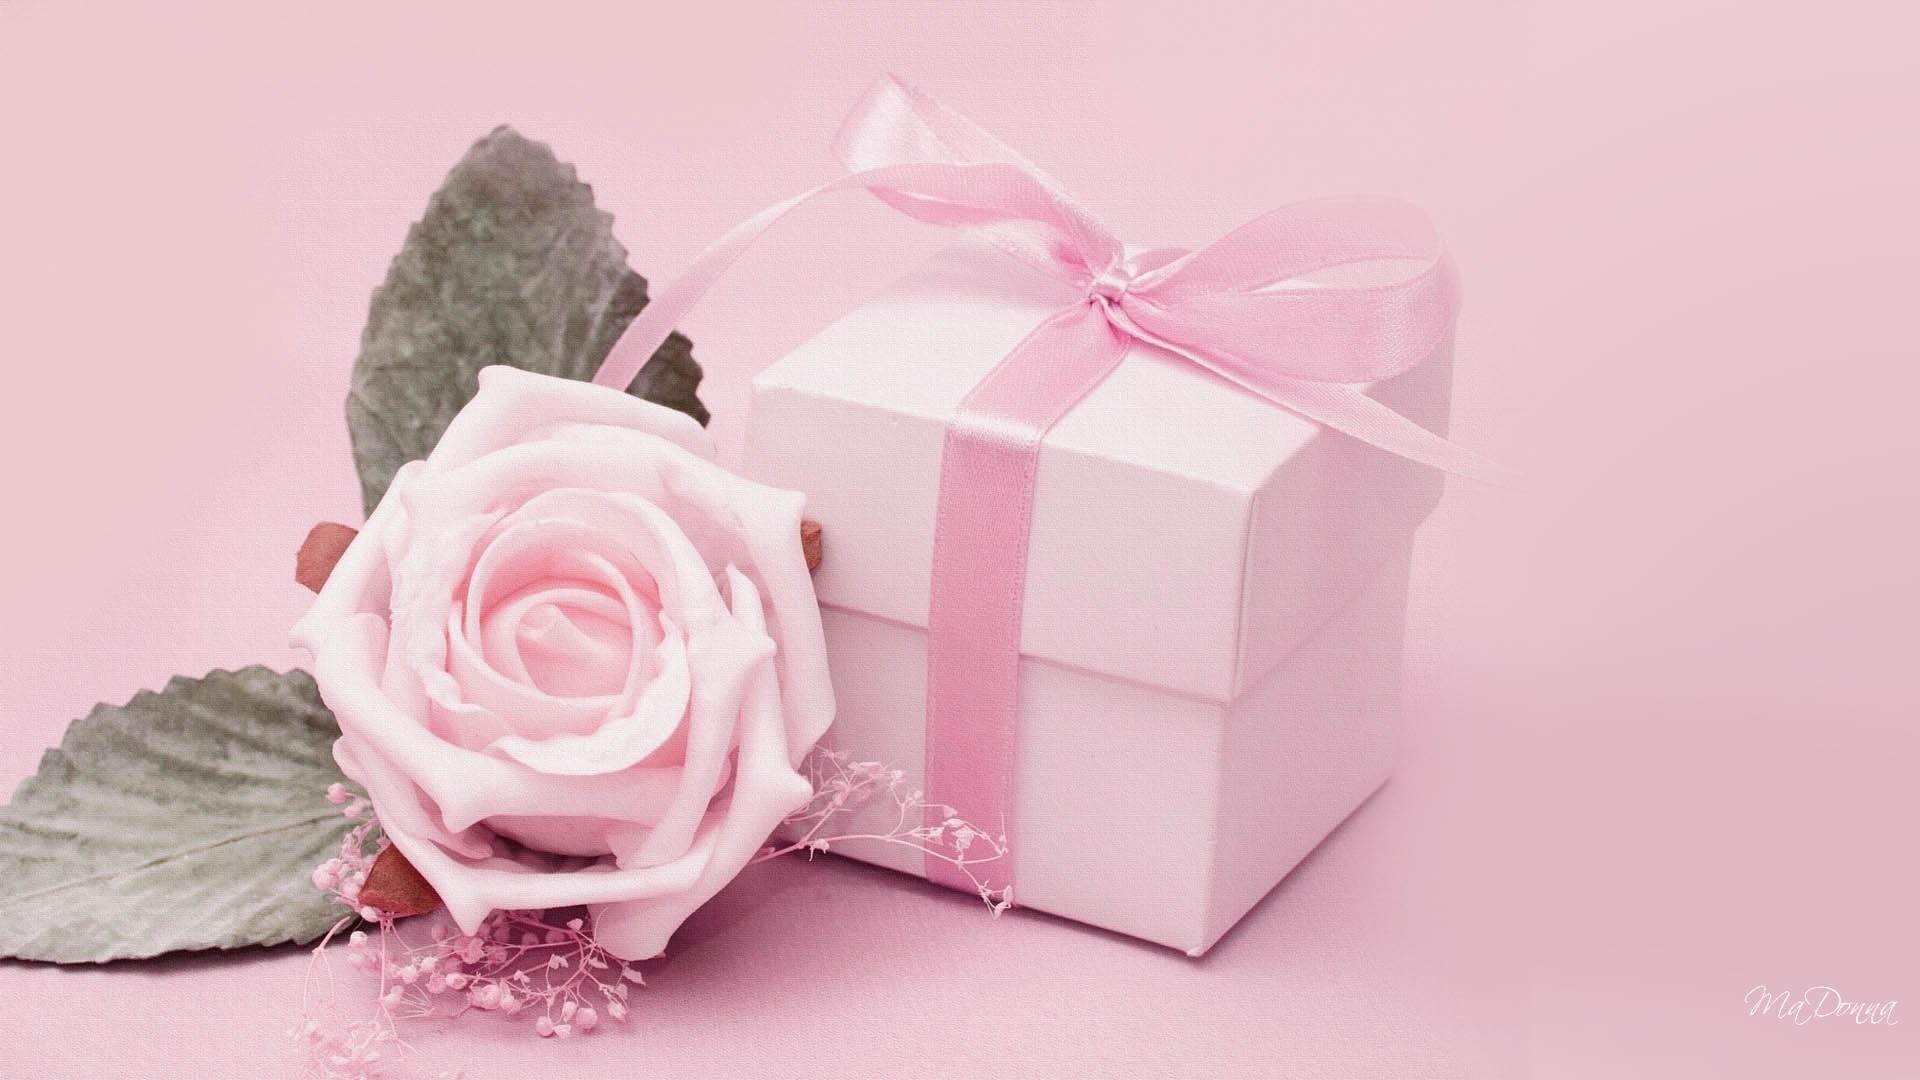 Wallpaper, wallpaper, Pink Flower Desktop Wallpaper hd wallpaper .